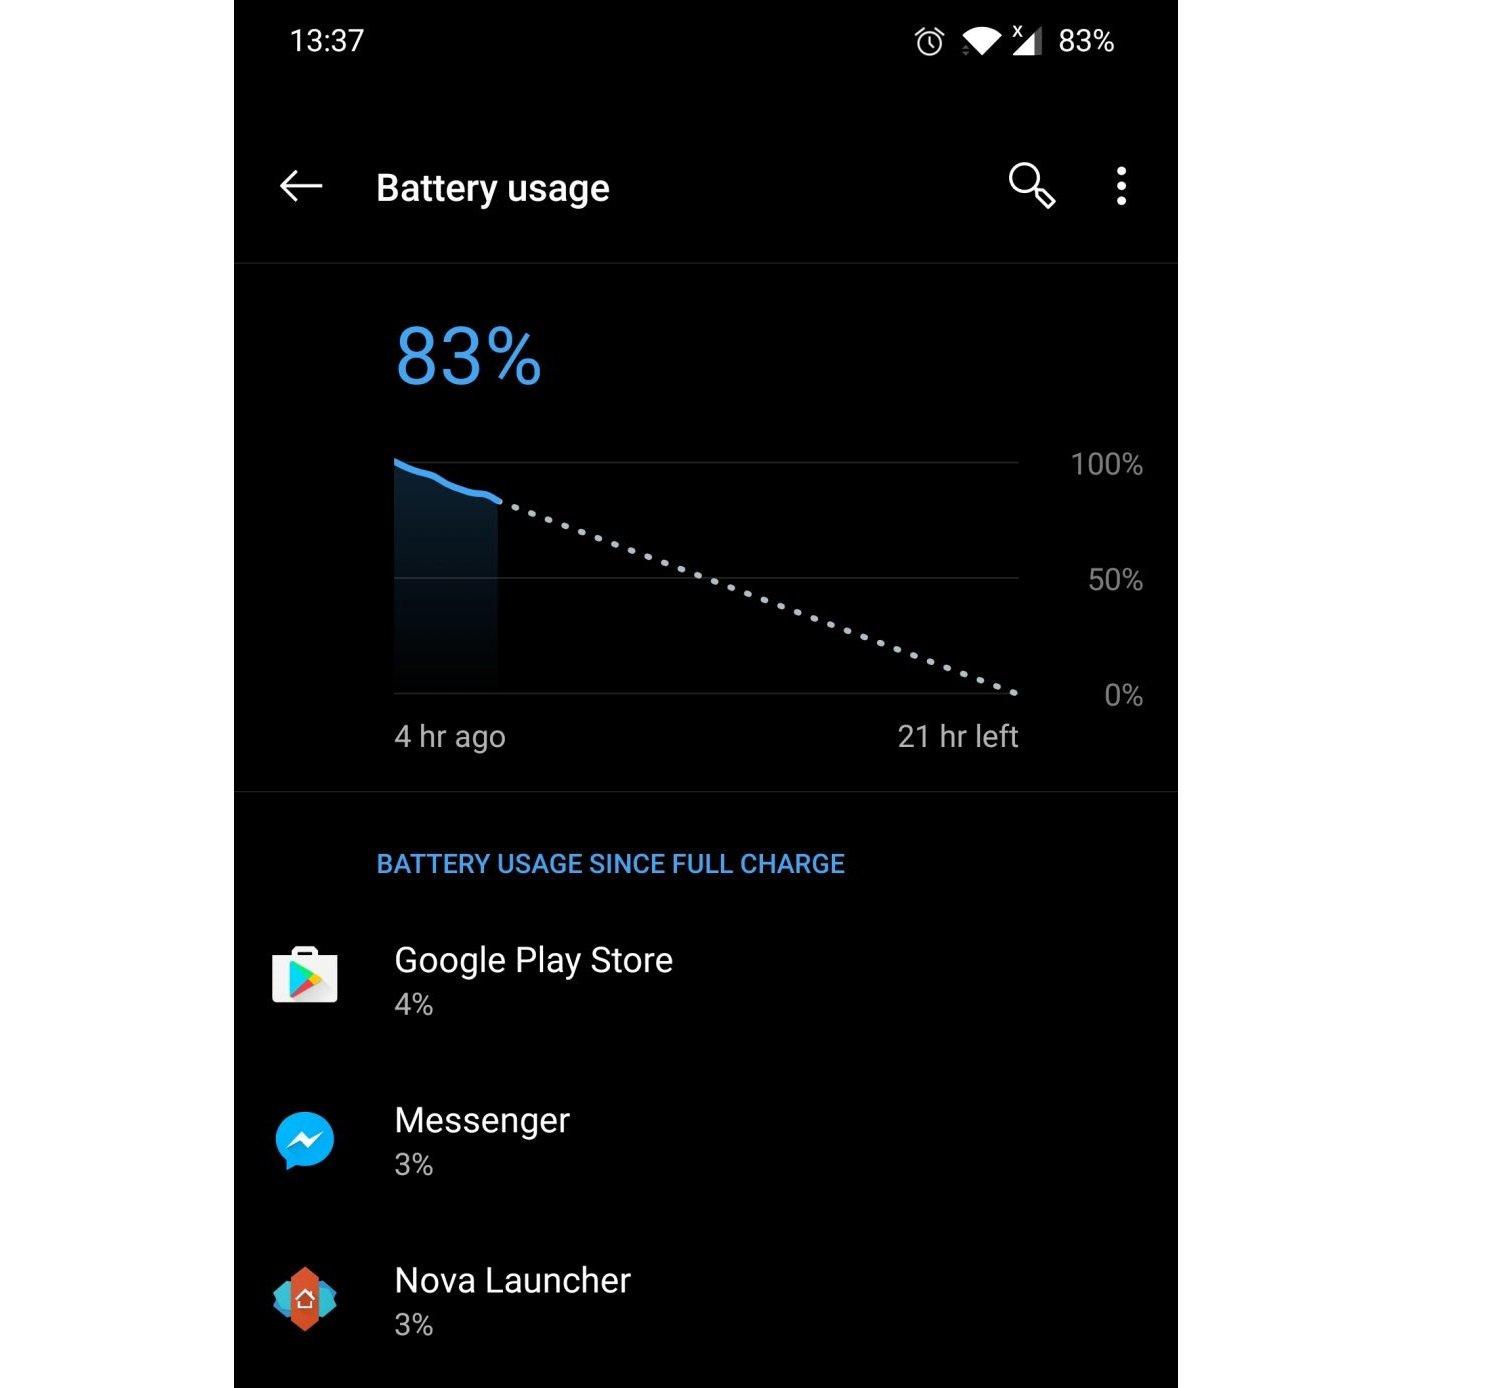 android google play akku verbrauch